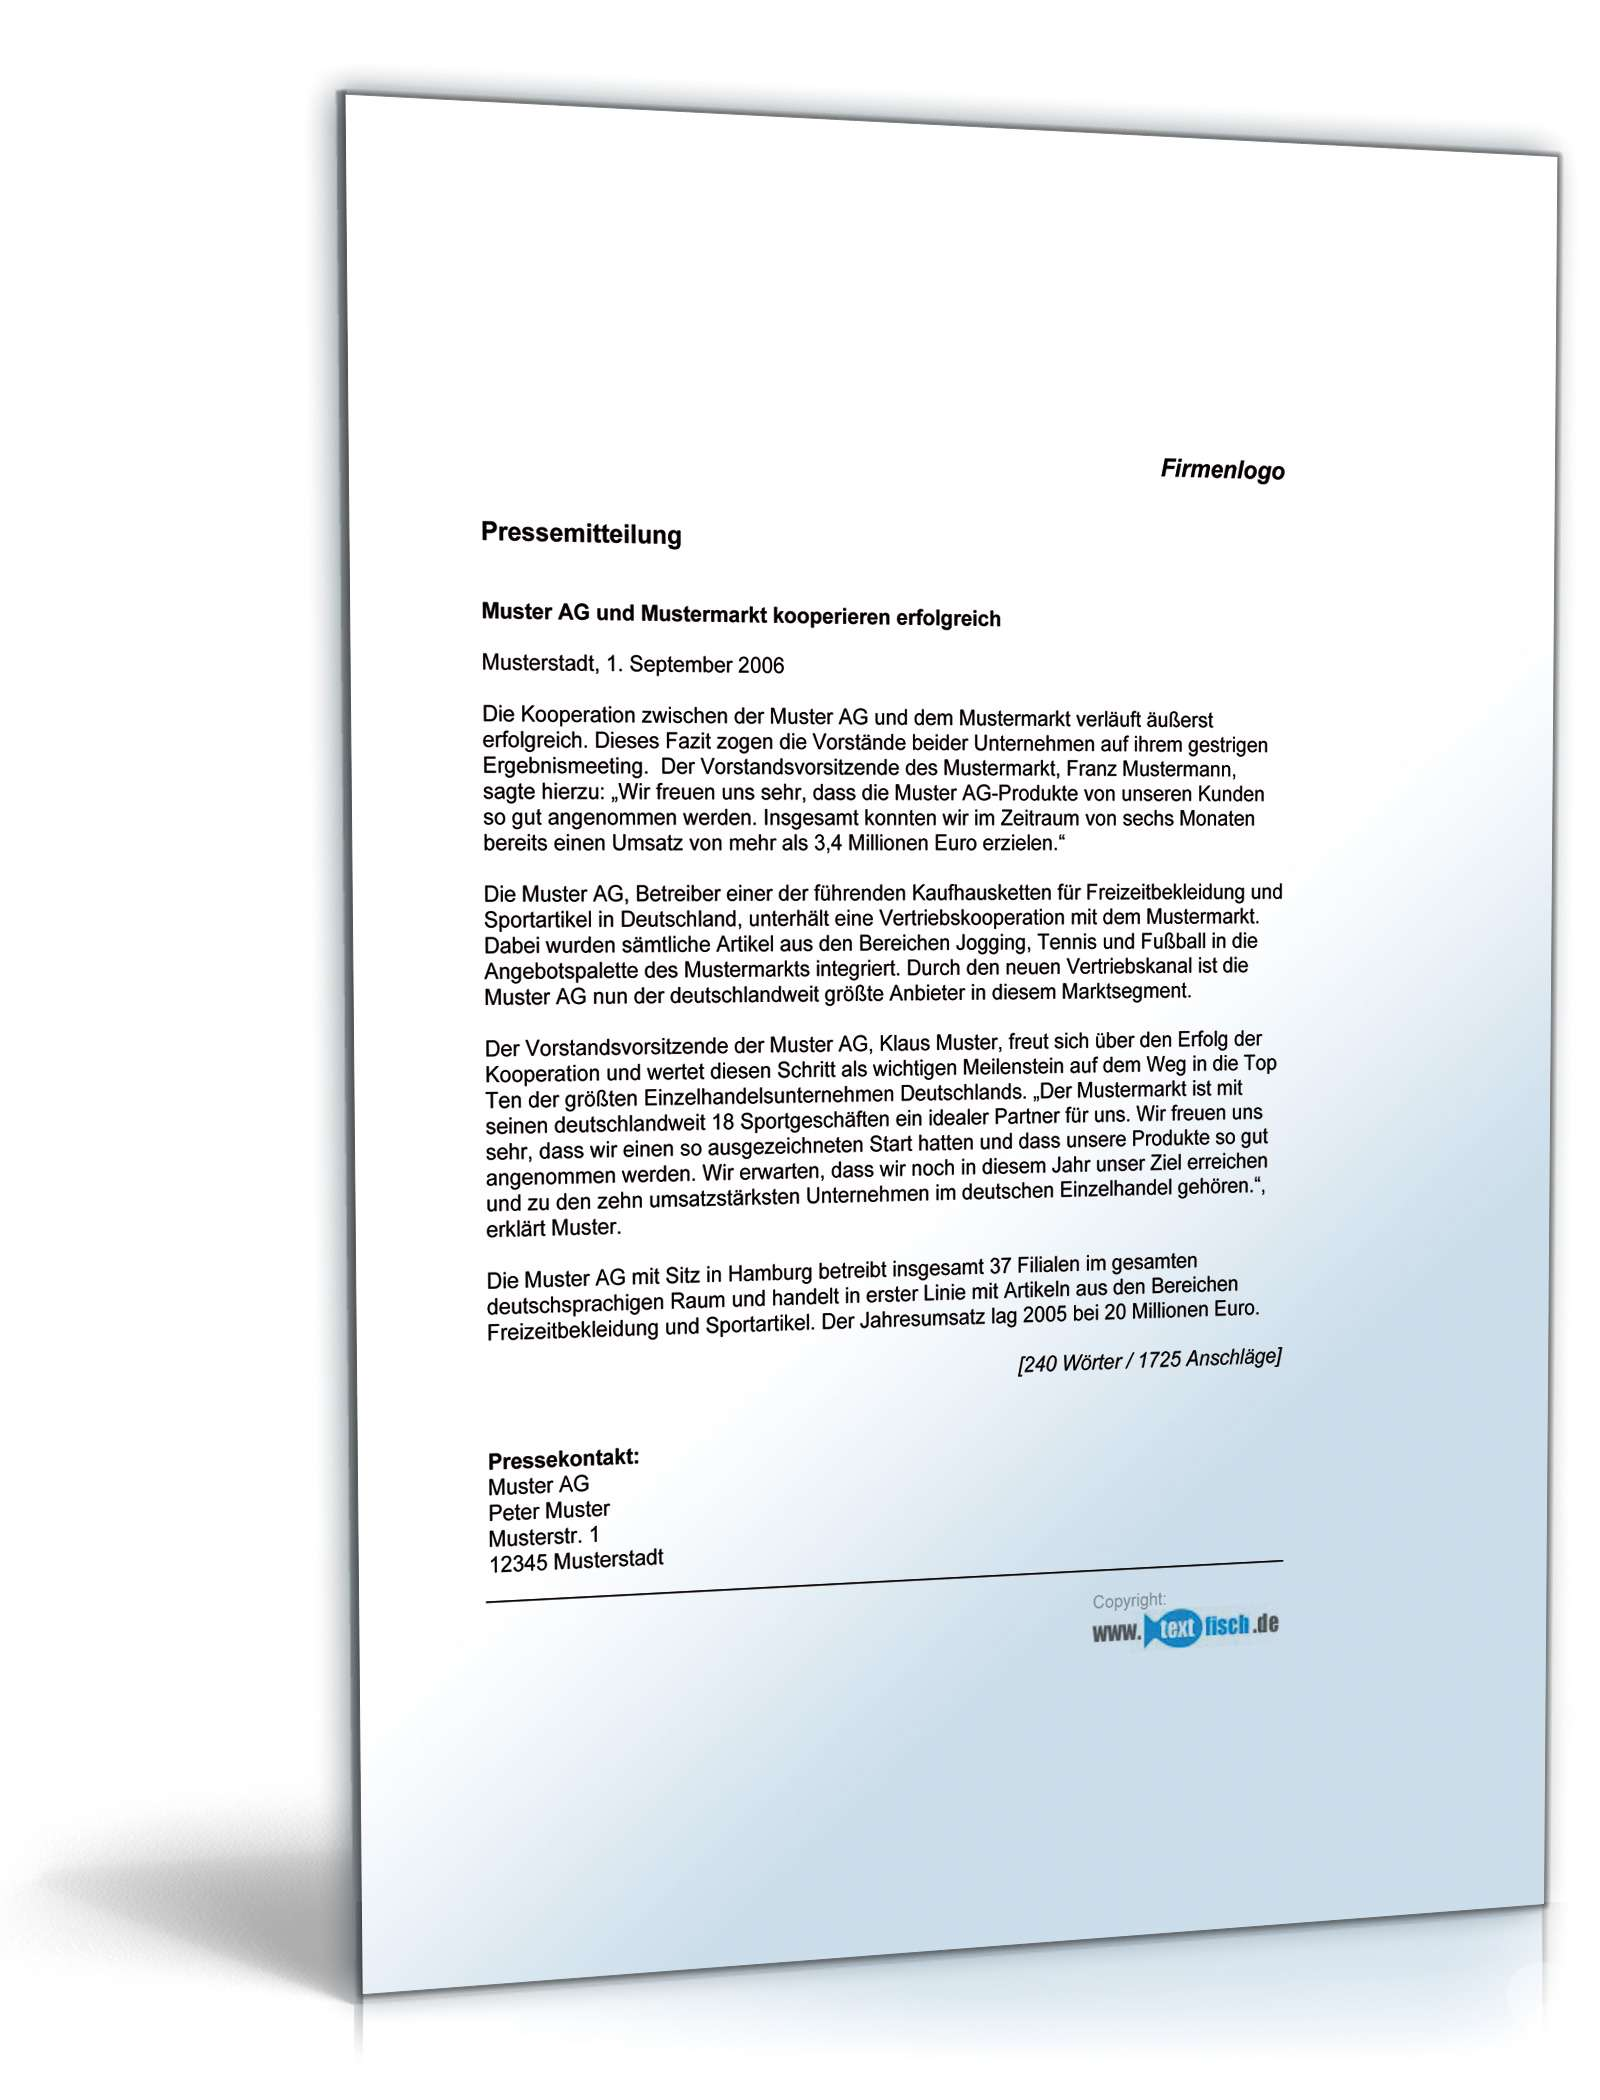 Musterbriefe Zusammenarbeit : Pressemitteilung ergebnisse kooperation muster zum download